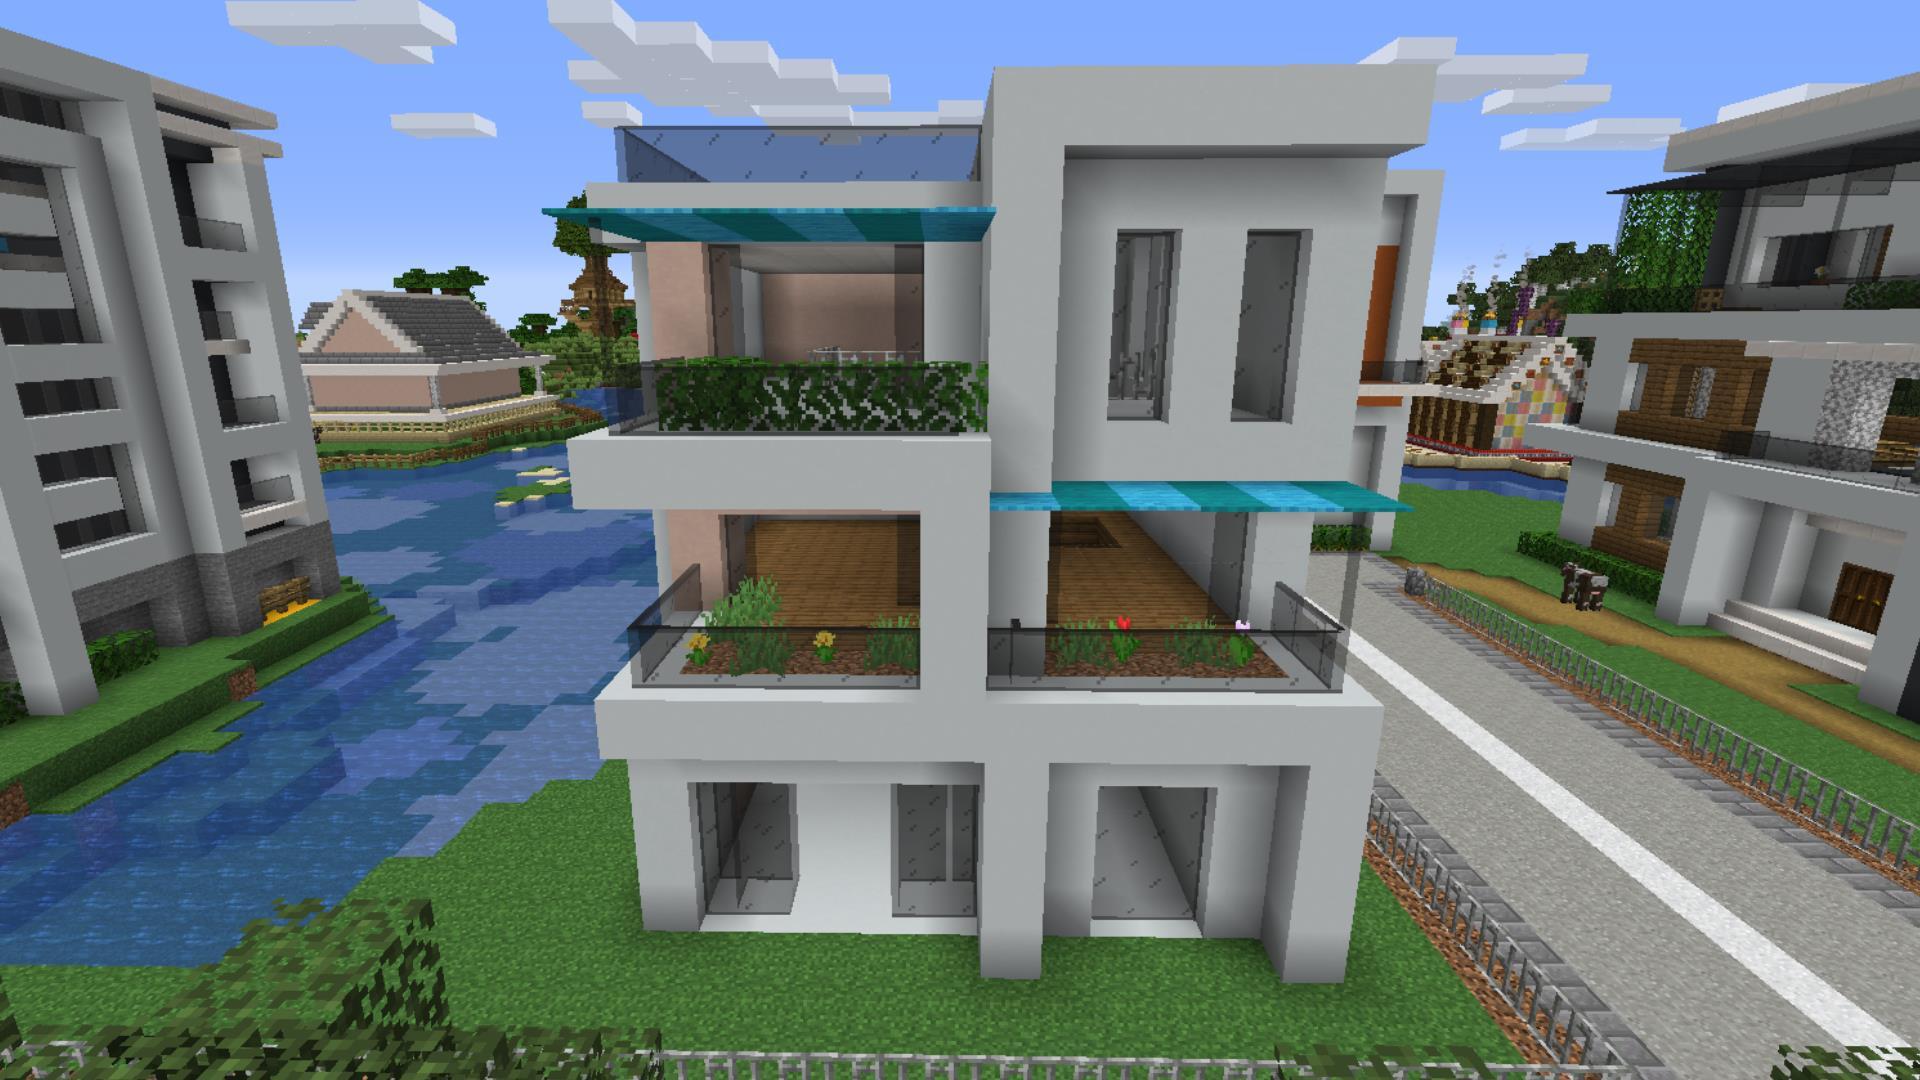 【マインクラフト】モダン建築の作り方